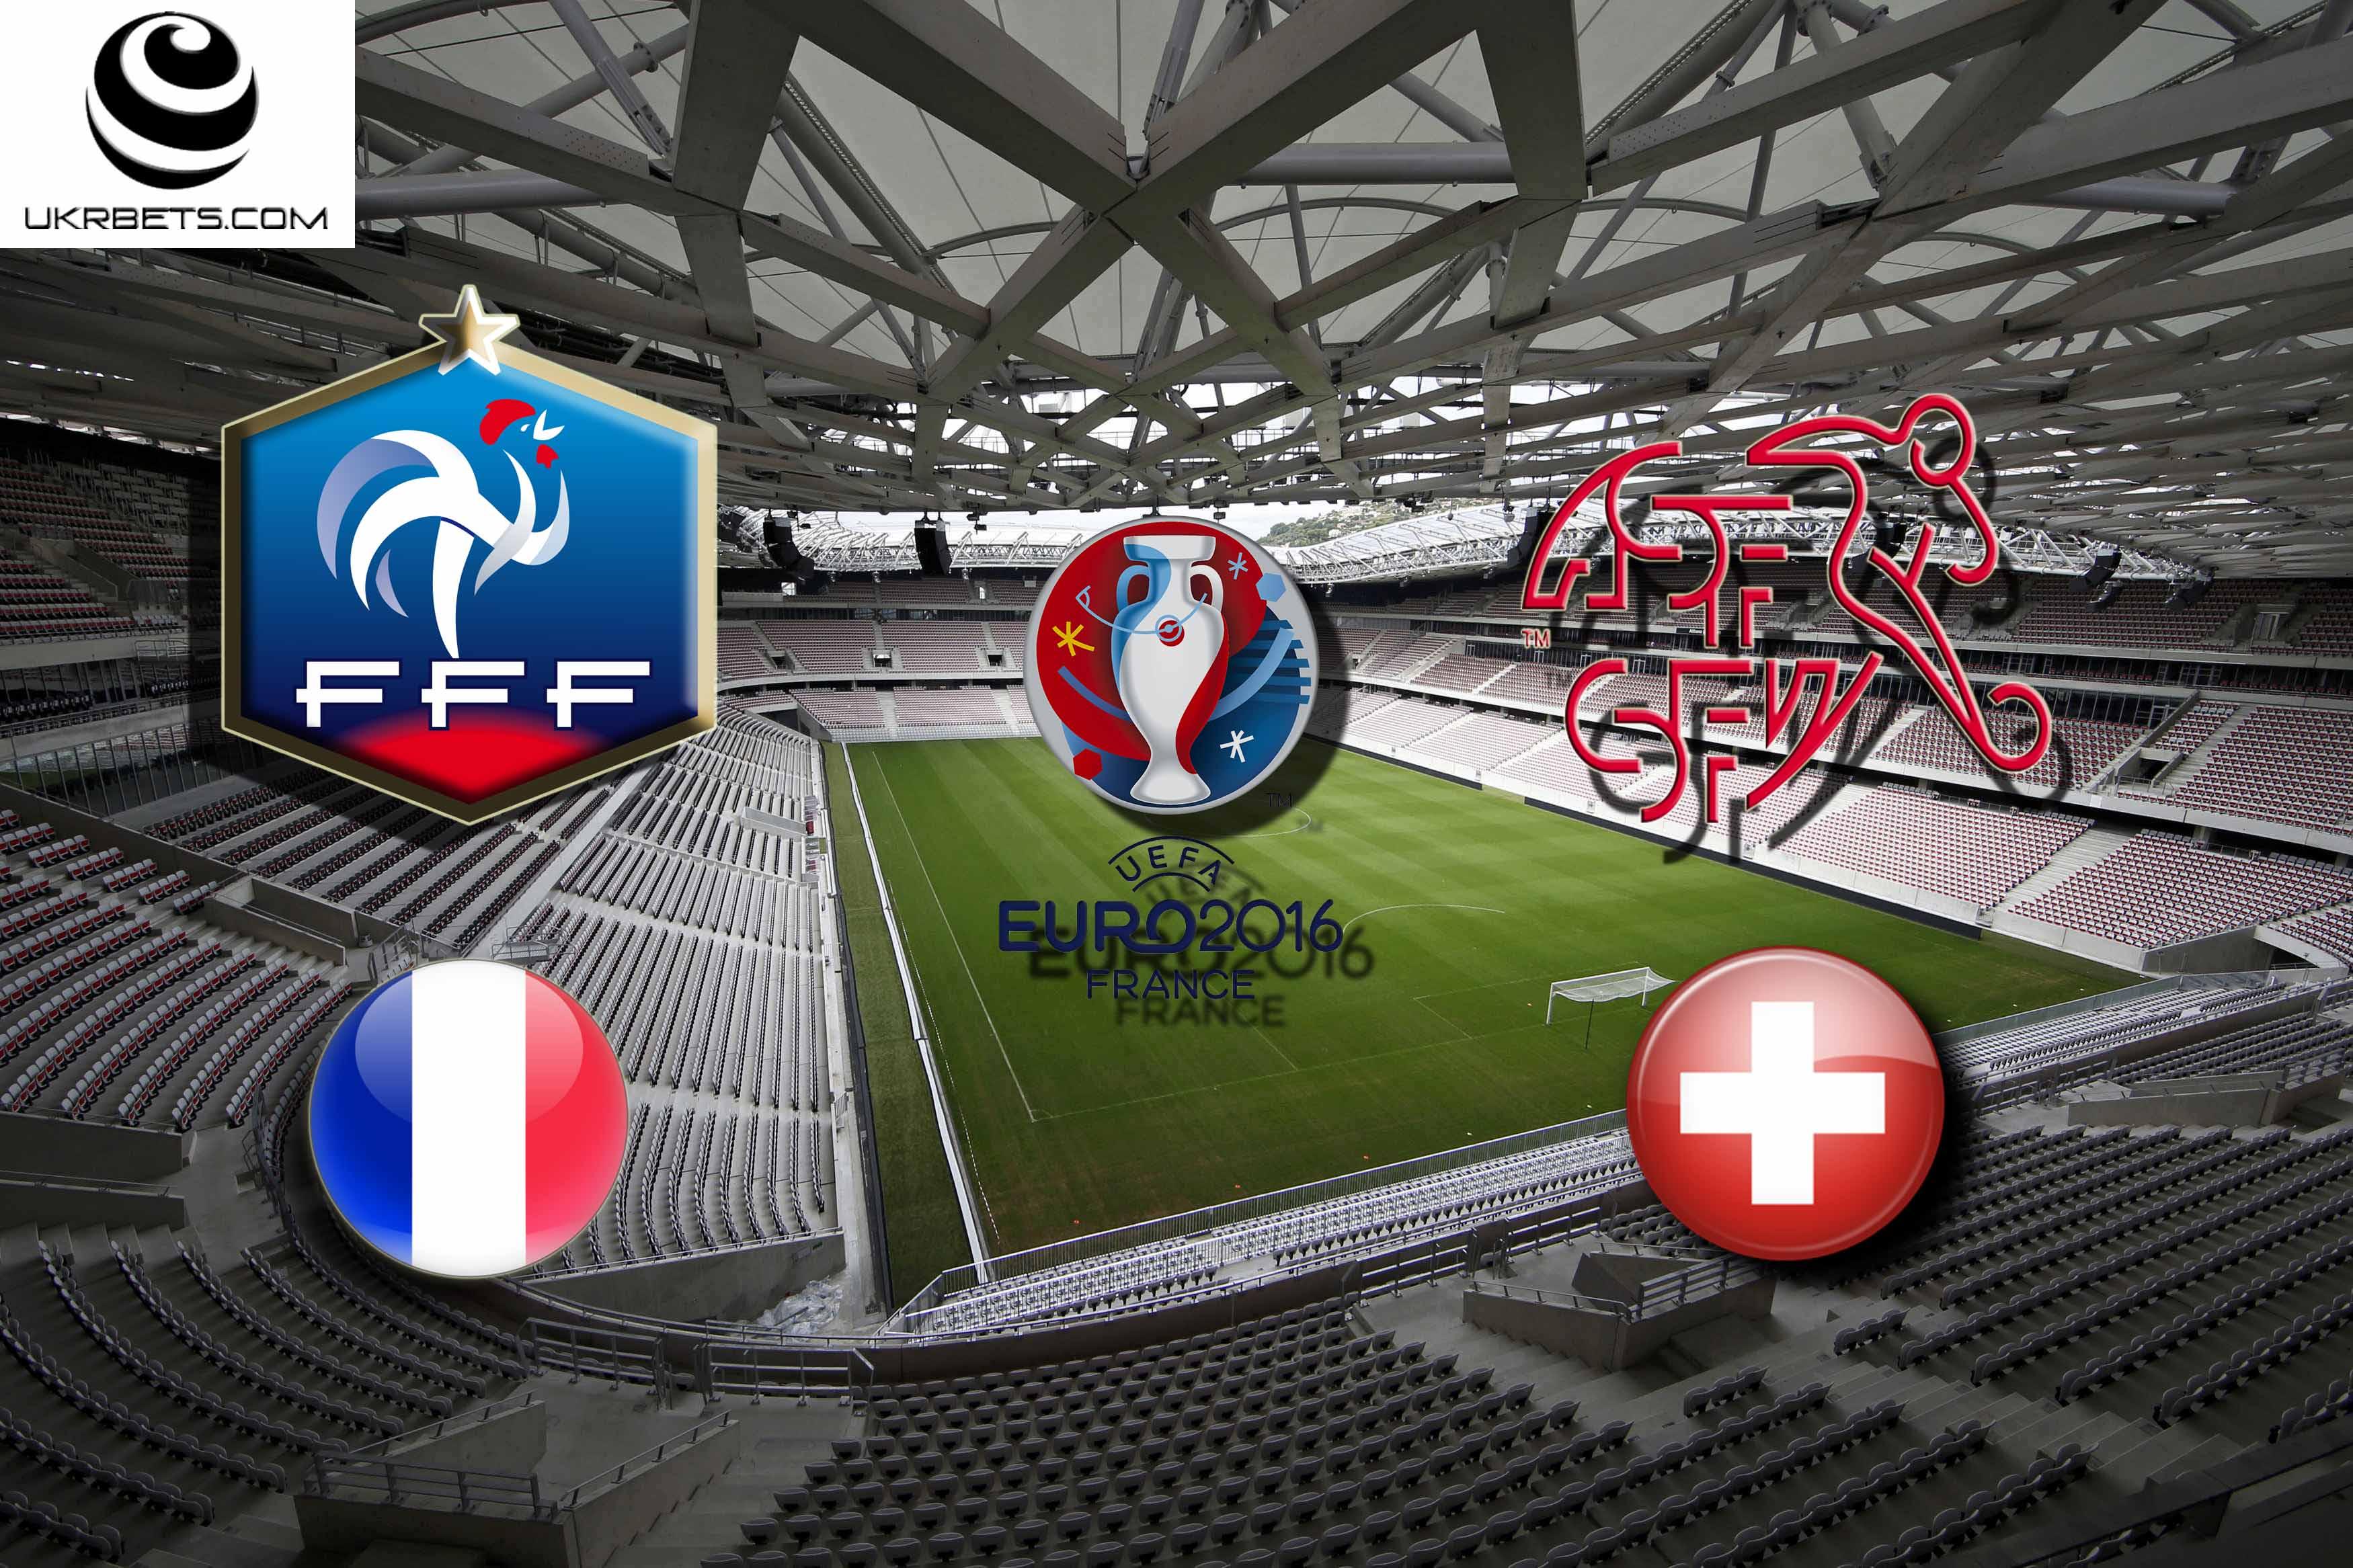 Швейцария - Франция: прогноз на матч Евро – 2016 19 июня